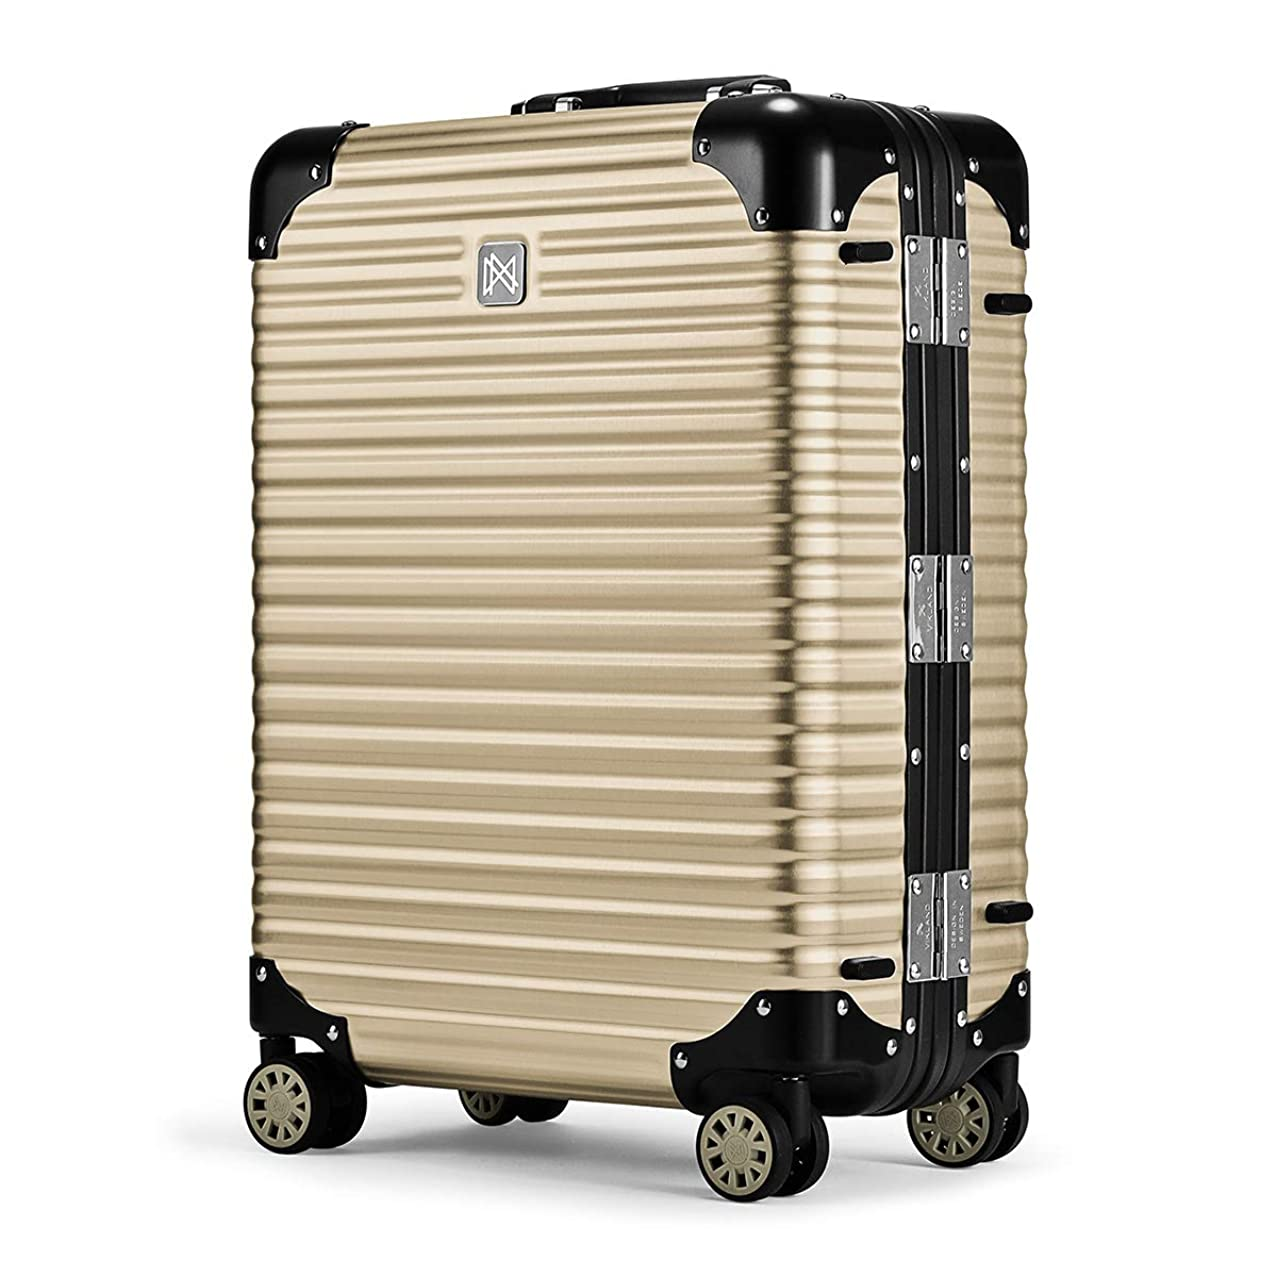 動仕える起点[ランツォ] スーツケース ノーマン 21インチ 機内持込可 34L 49cm 4.6kg